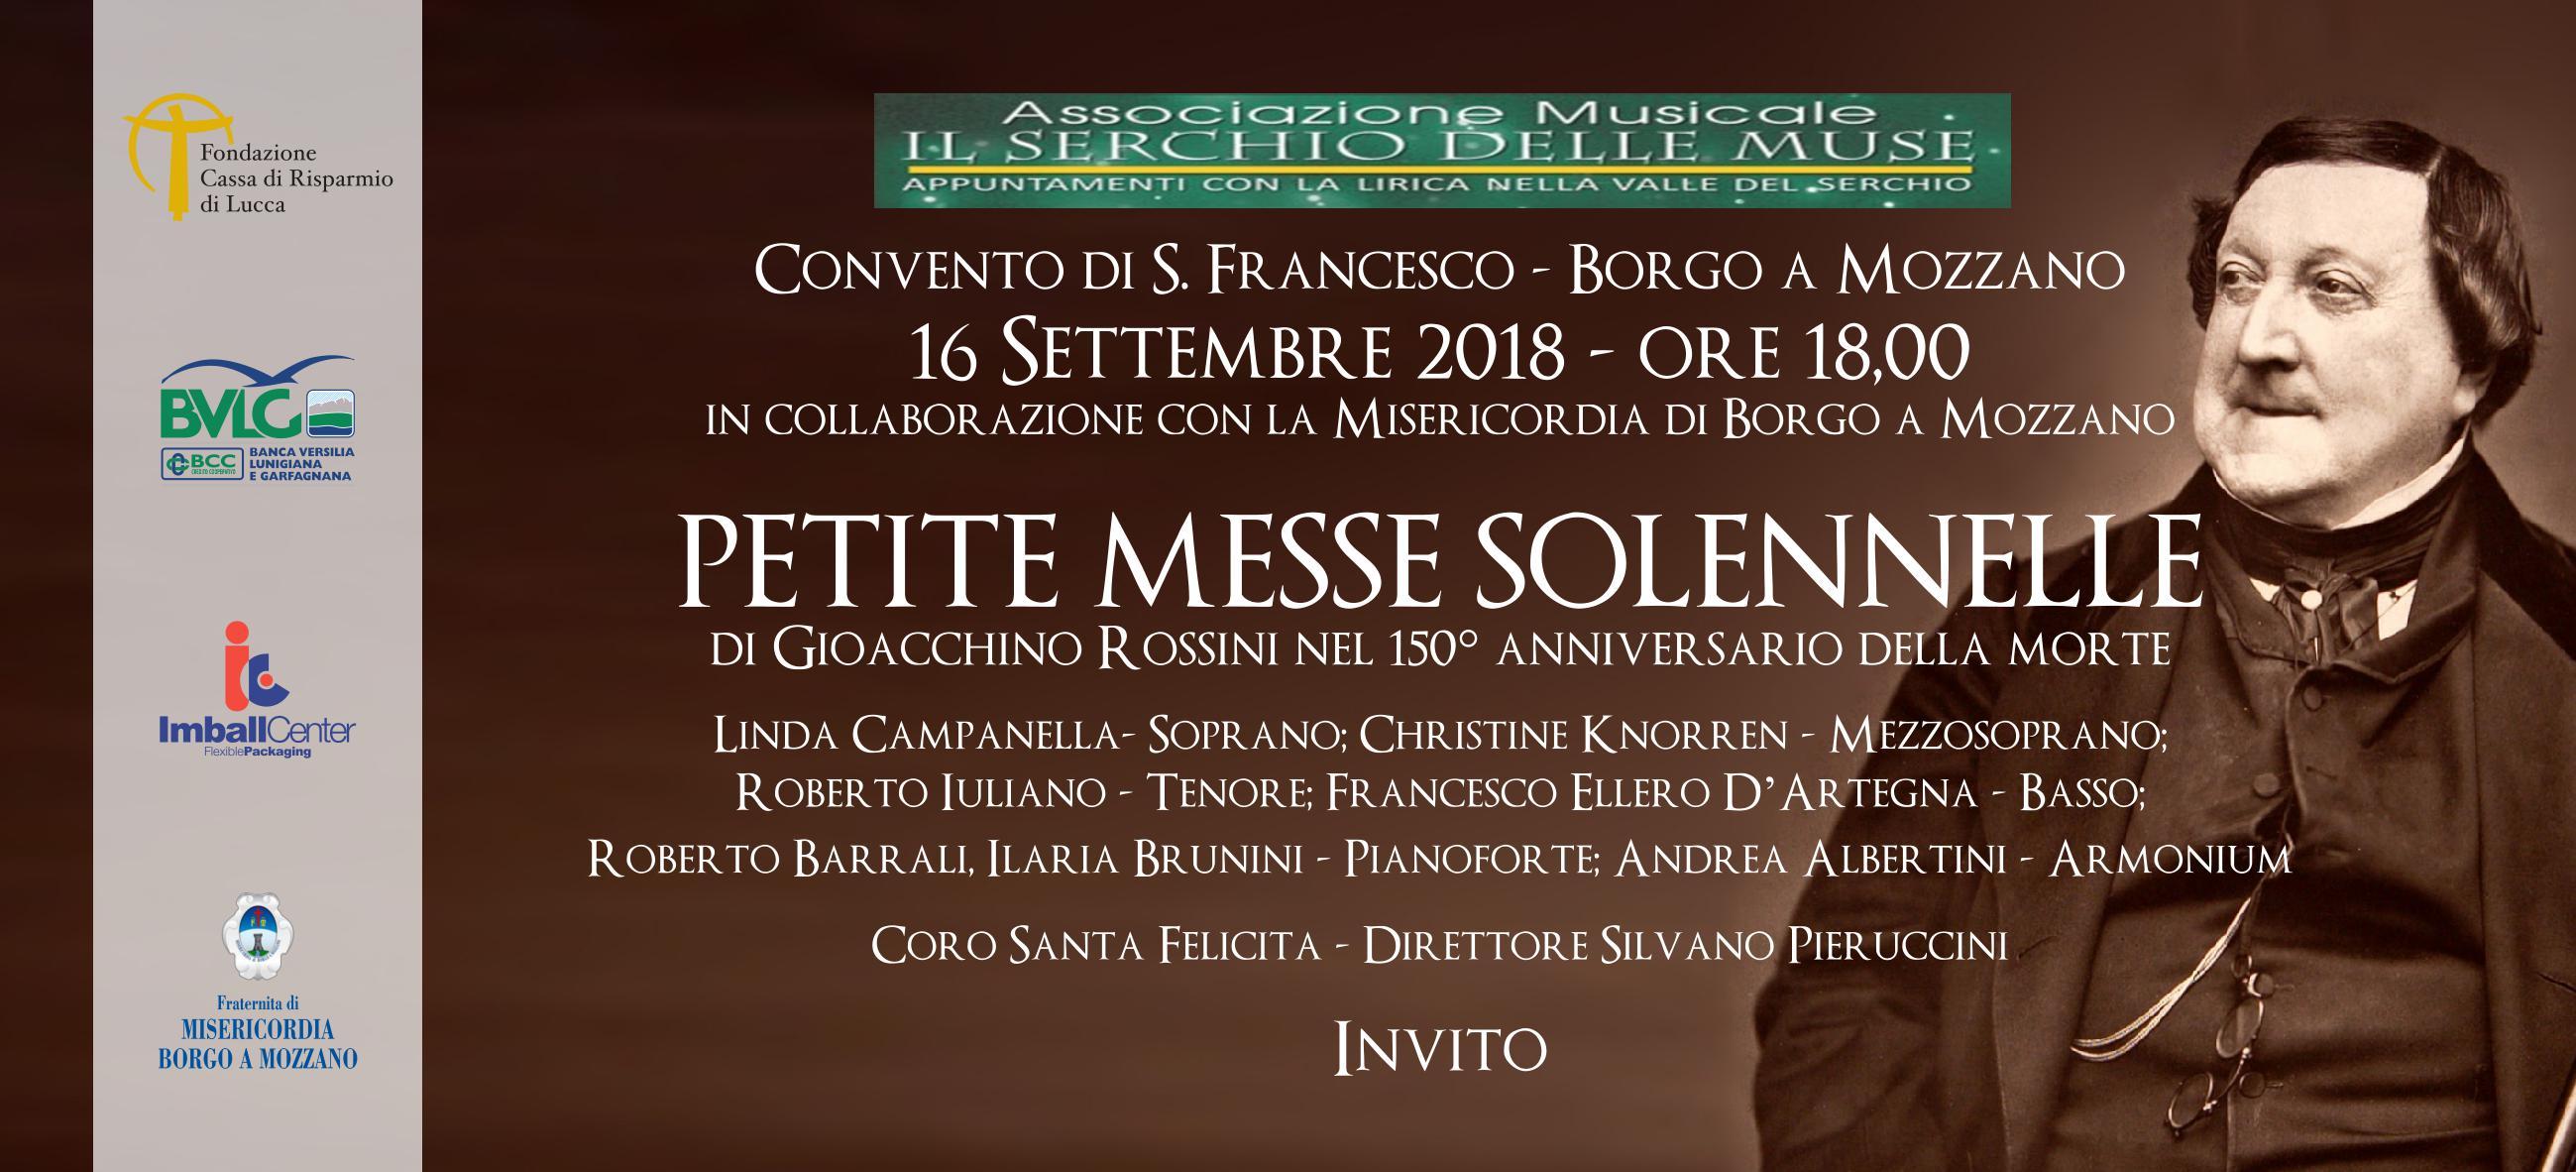 Concerto: Petite Messe Solennelle di Gioacchino Rossini